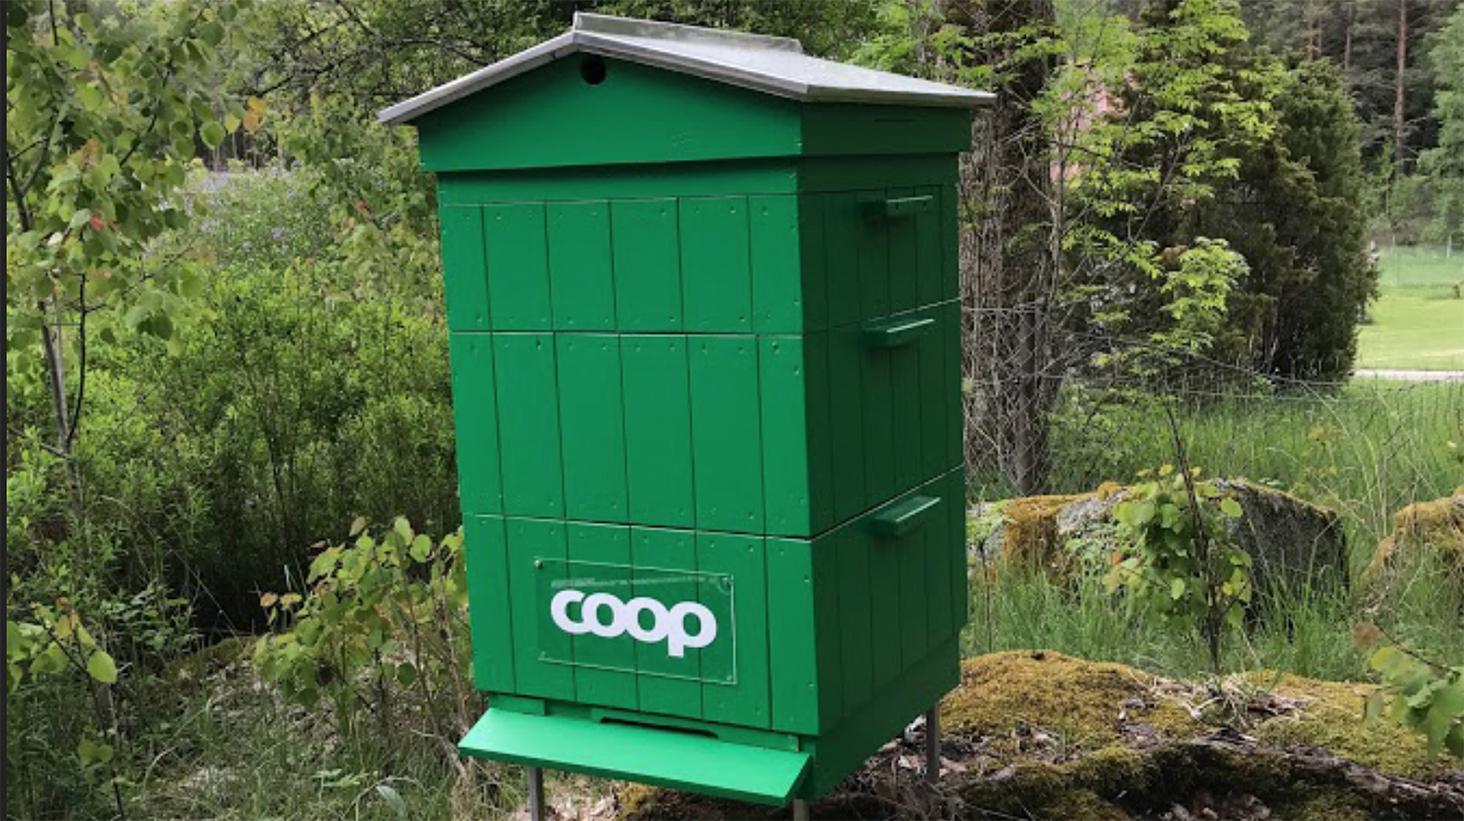 Över 1,86 miljoner bin tack vare Coops medlemmar